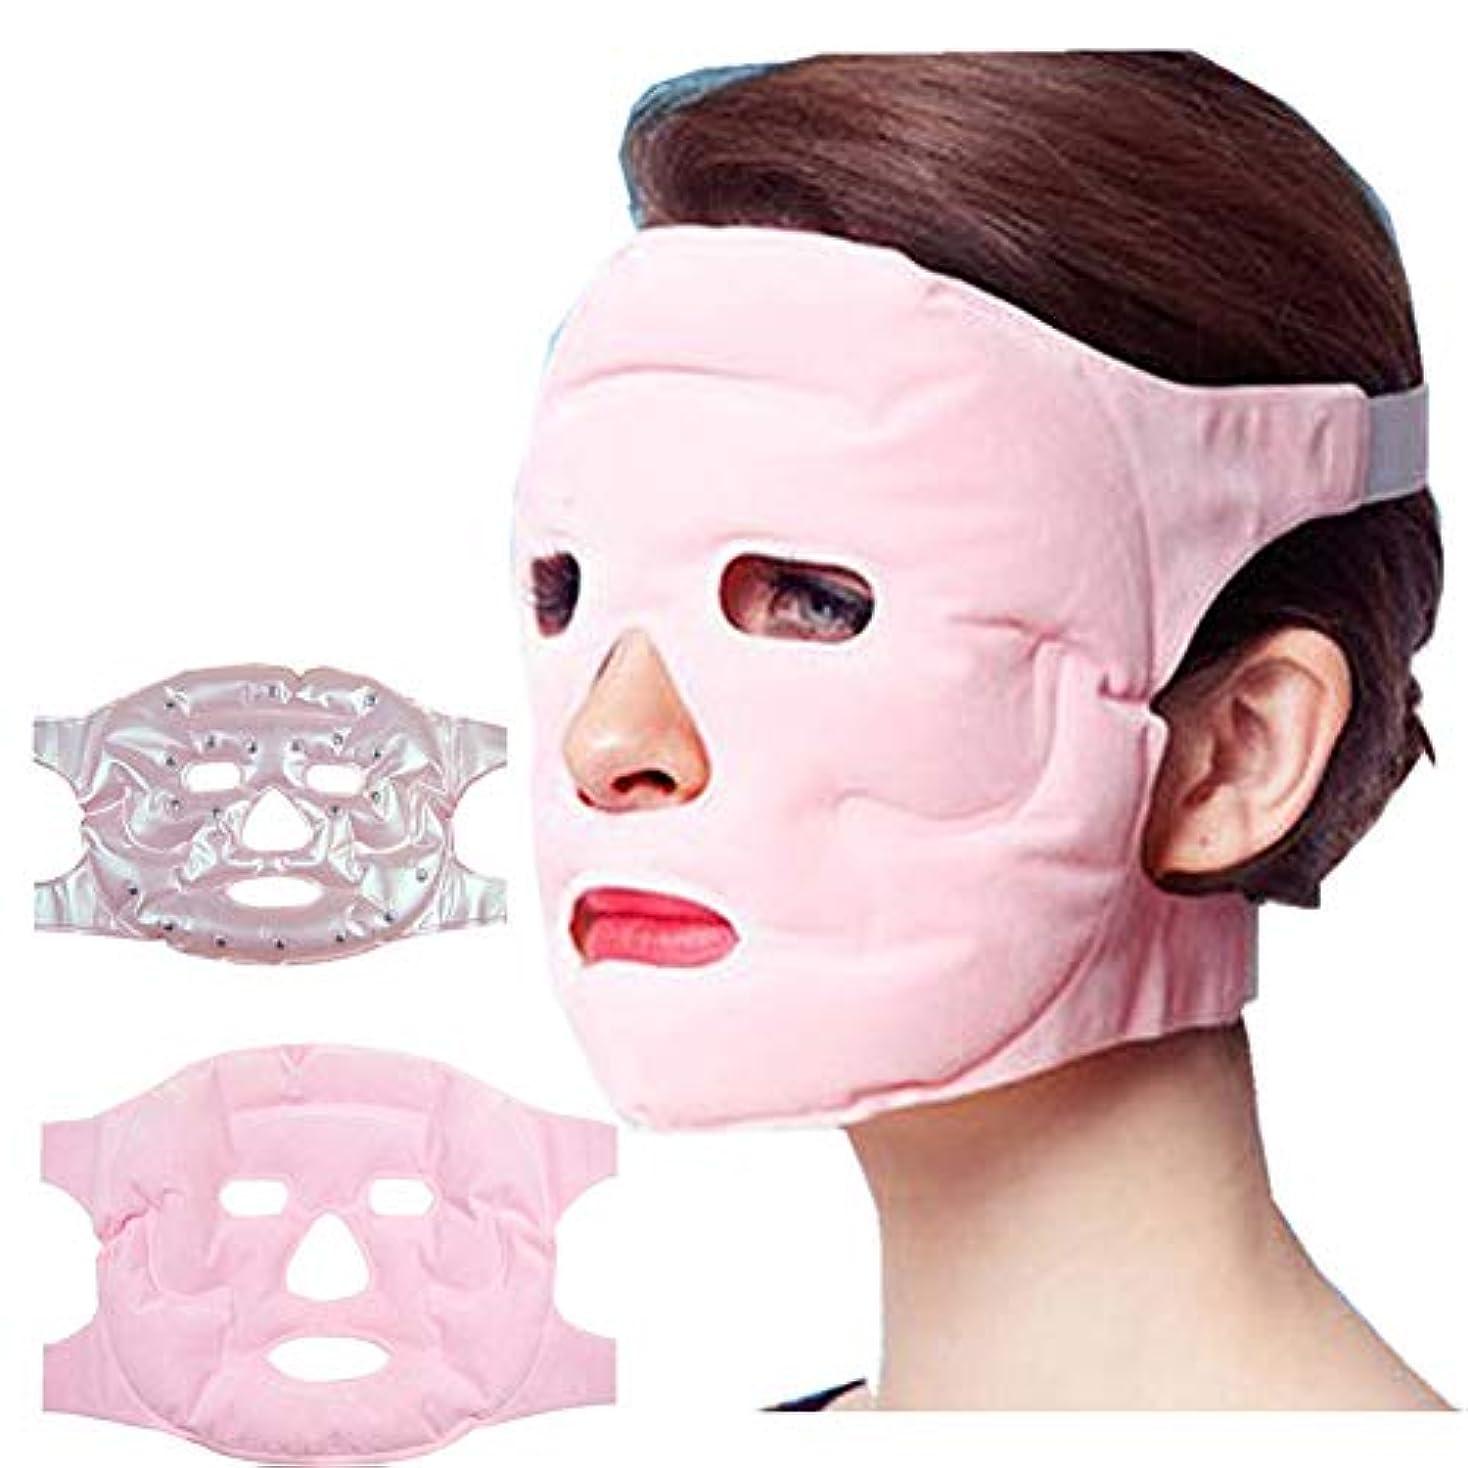 検証がっかりするフィヨルド美容薄いフェイスマスクトルマリン磁気療法マッサージ保湿マスク薄い顔を明るくする肌を再利用できます。